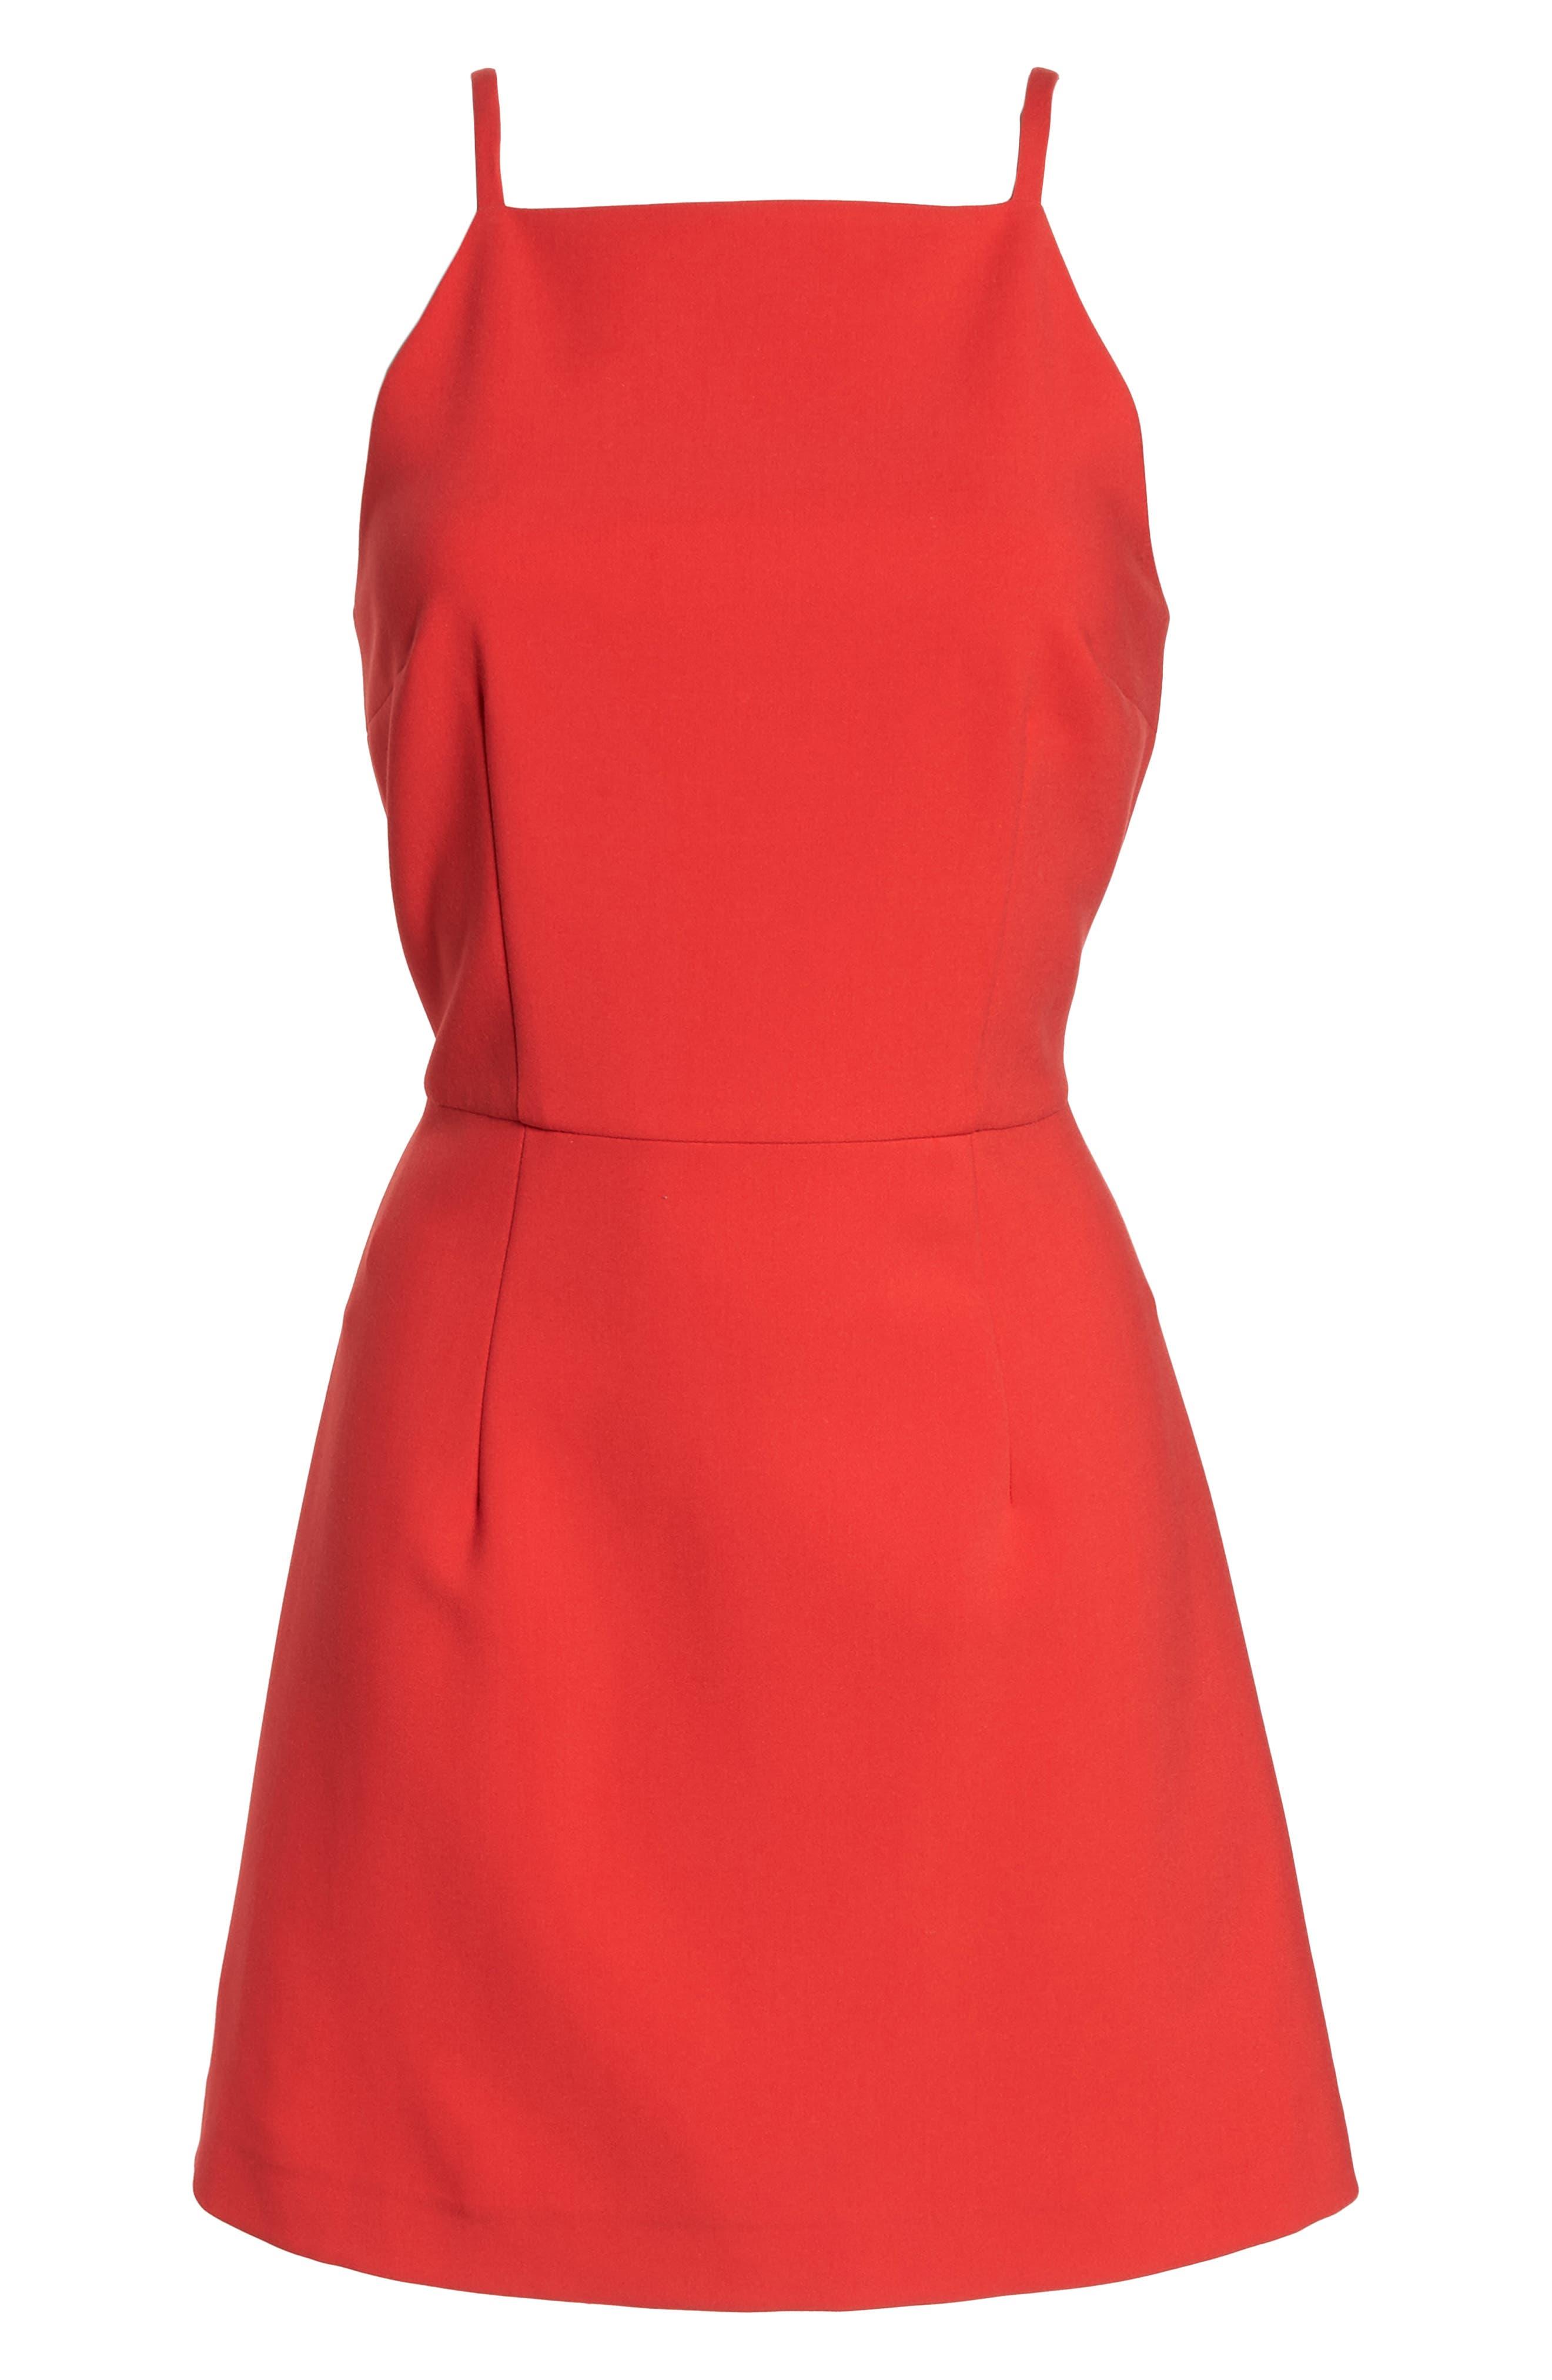 Whisper Light Sheath Dress,                             Alternate thumbnail 7, color,                             Shanghai Red